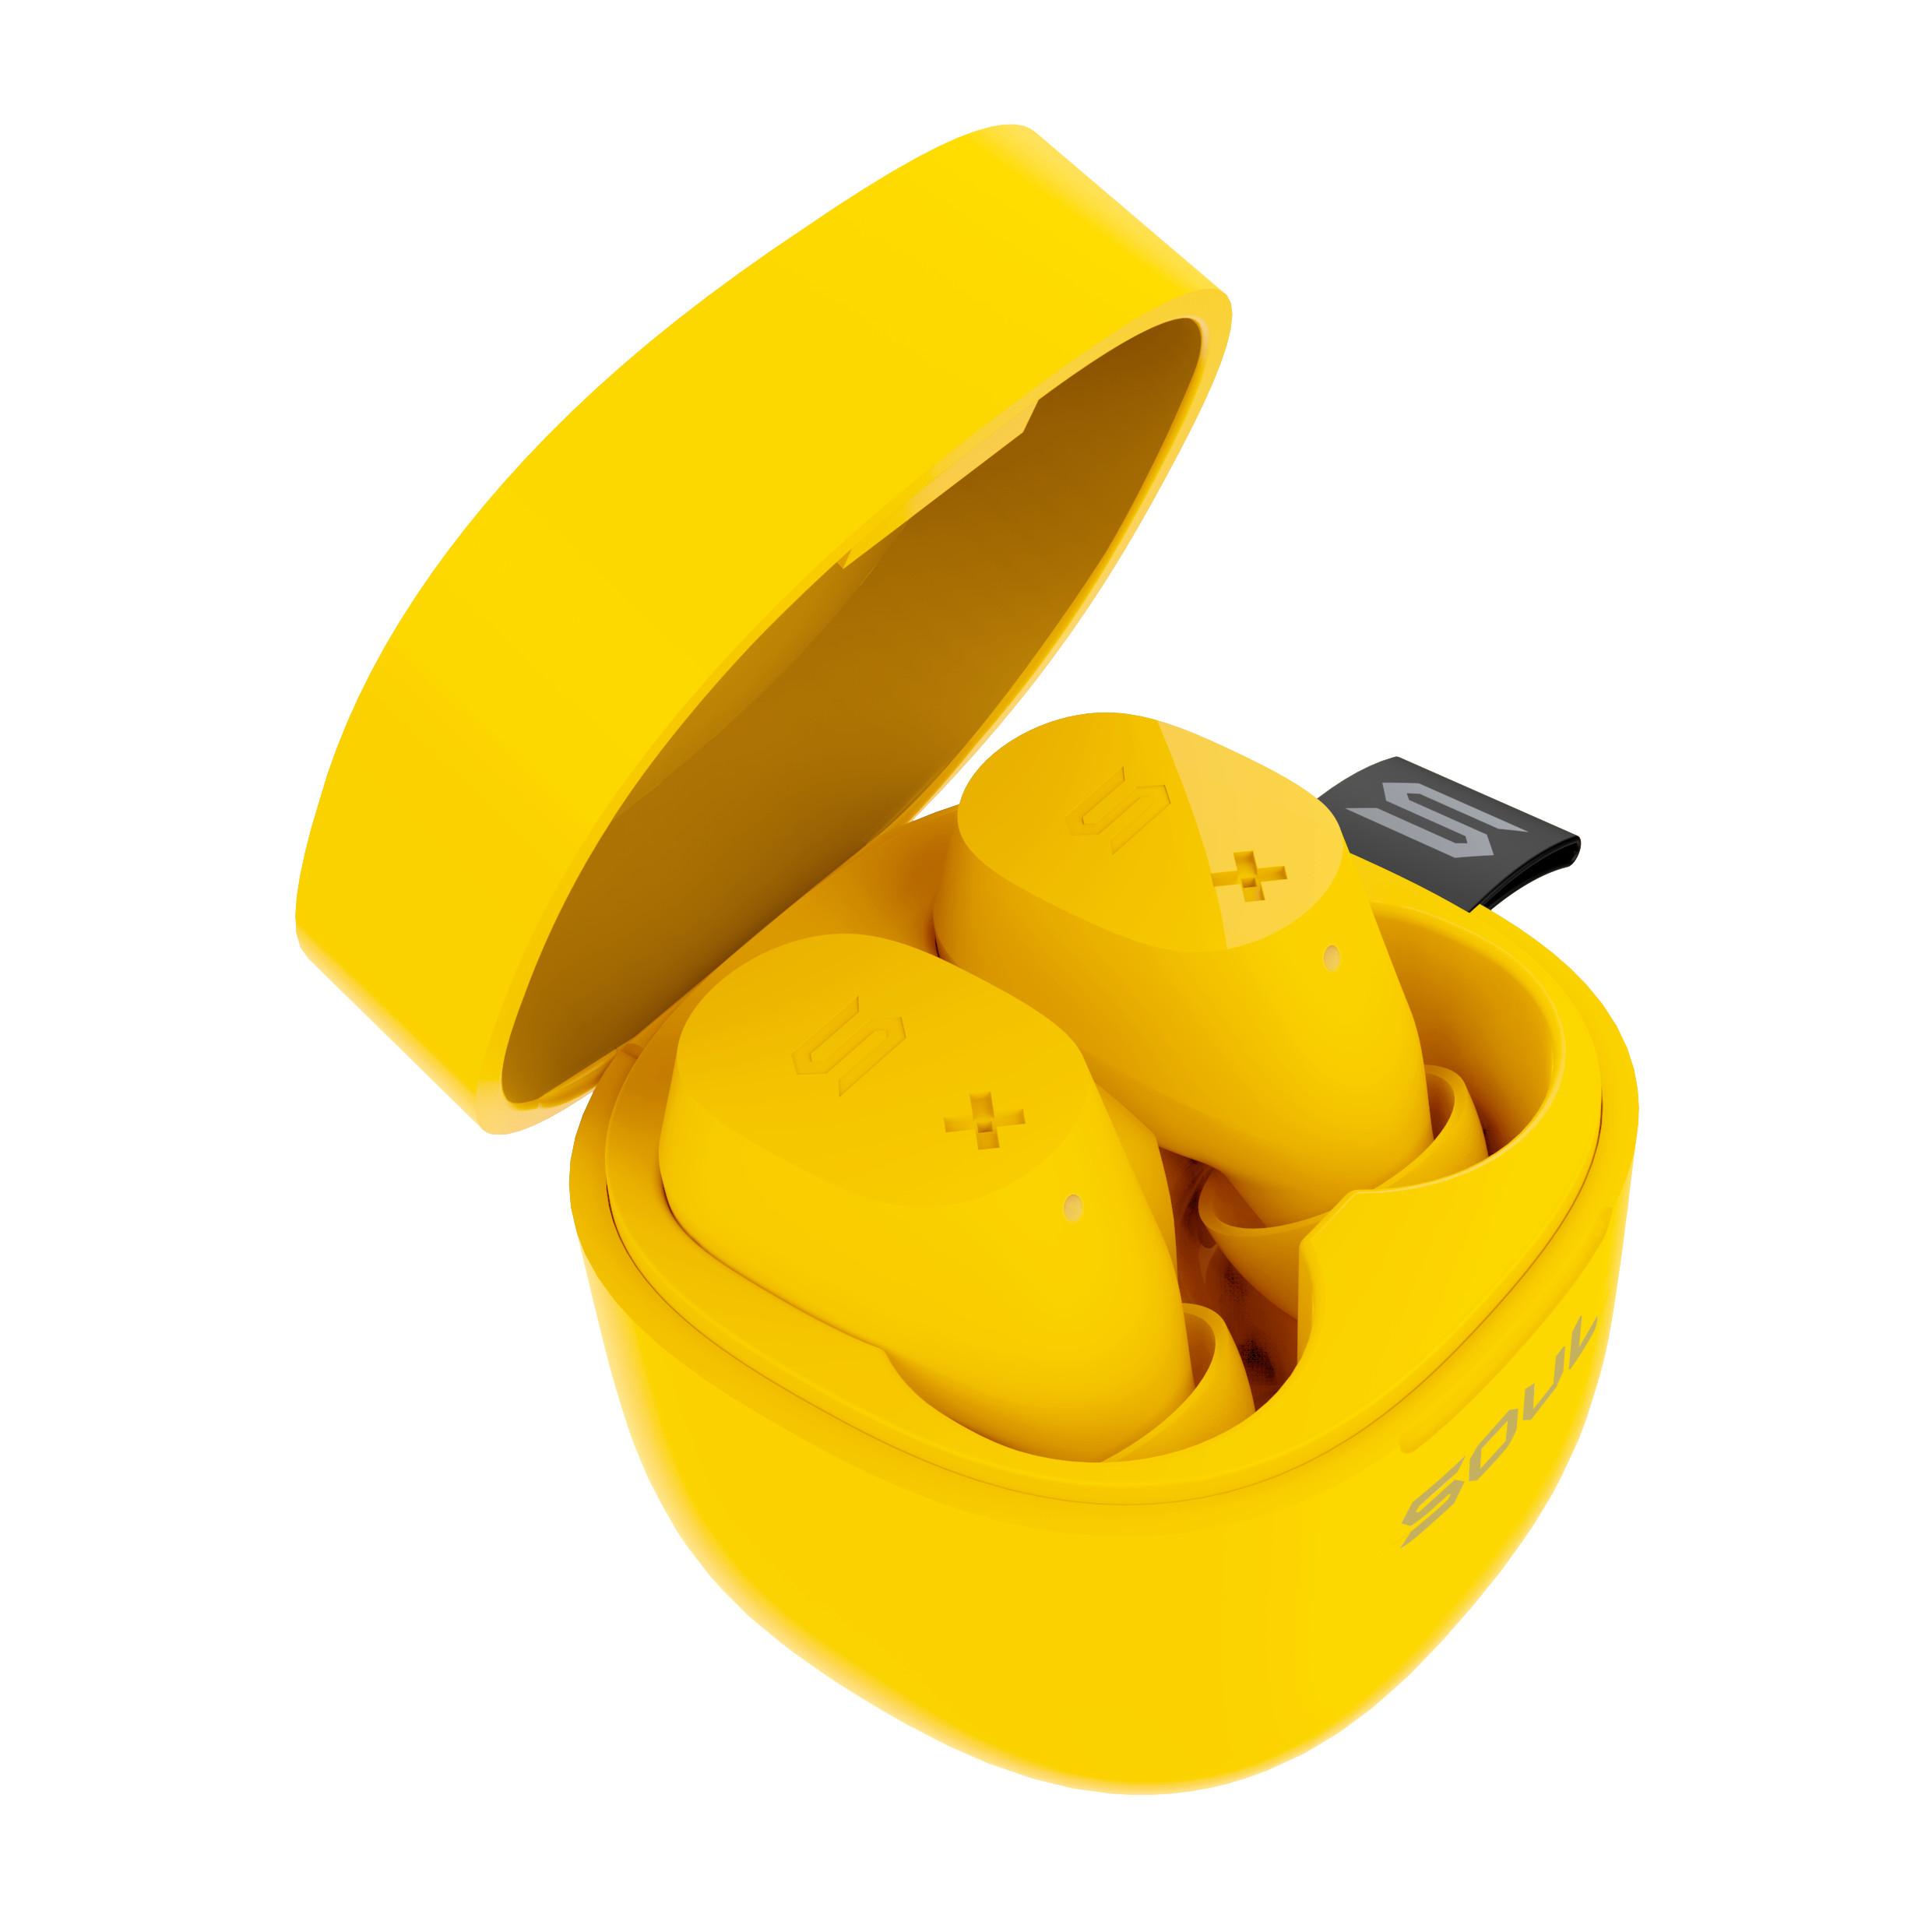 Tai Nghe True Wireless Soul ST-XX SS52YL Bluetooth v5.0 - Điều Khiển Cảm Ứng - Chống Nước IPX5 - 20 Giờ Sử Dụng - Hàng Chính Hãng